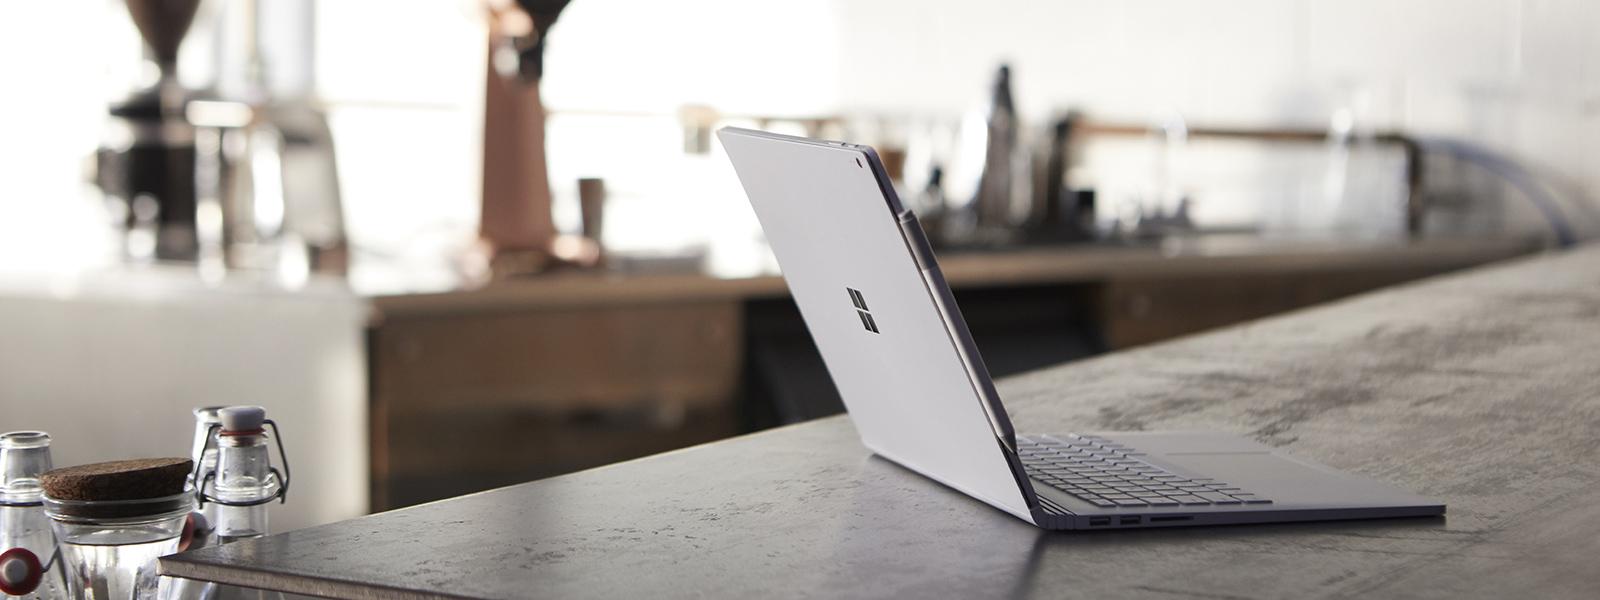 Surface Book 2 ja Surface-kynä pöydällä